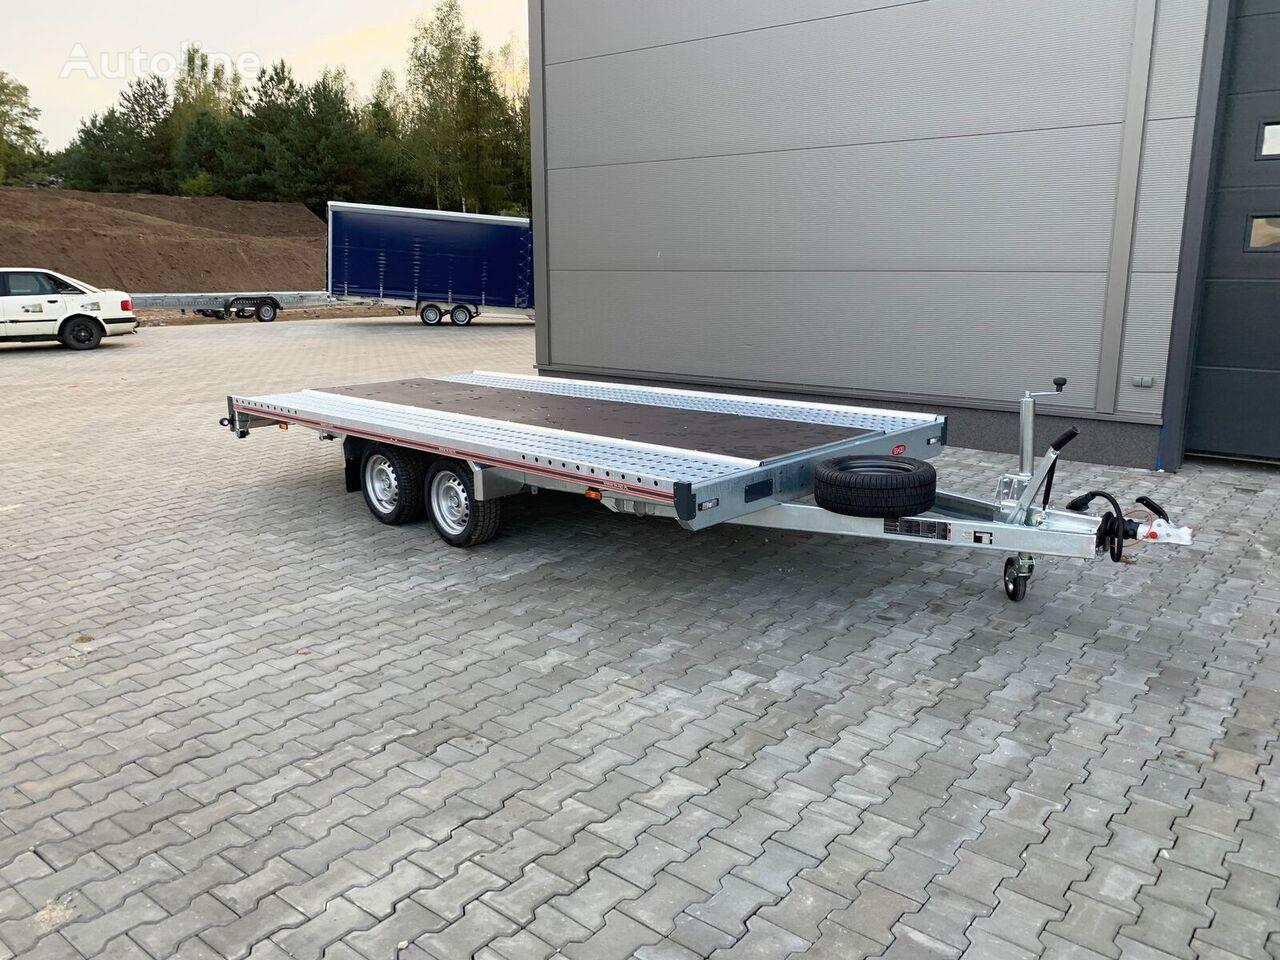 جديد العربات المقطورة شاحنة نقل السيارات TA-NO Laweta UNO 27.50 STD